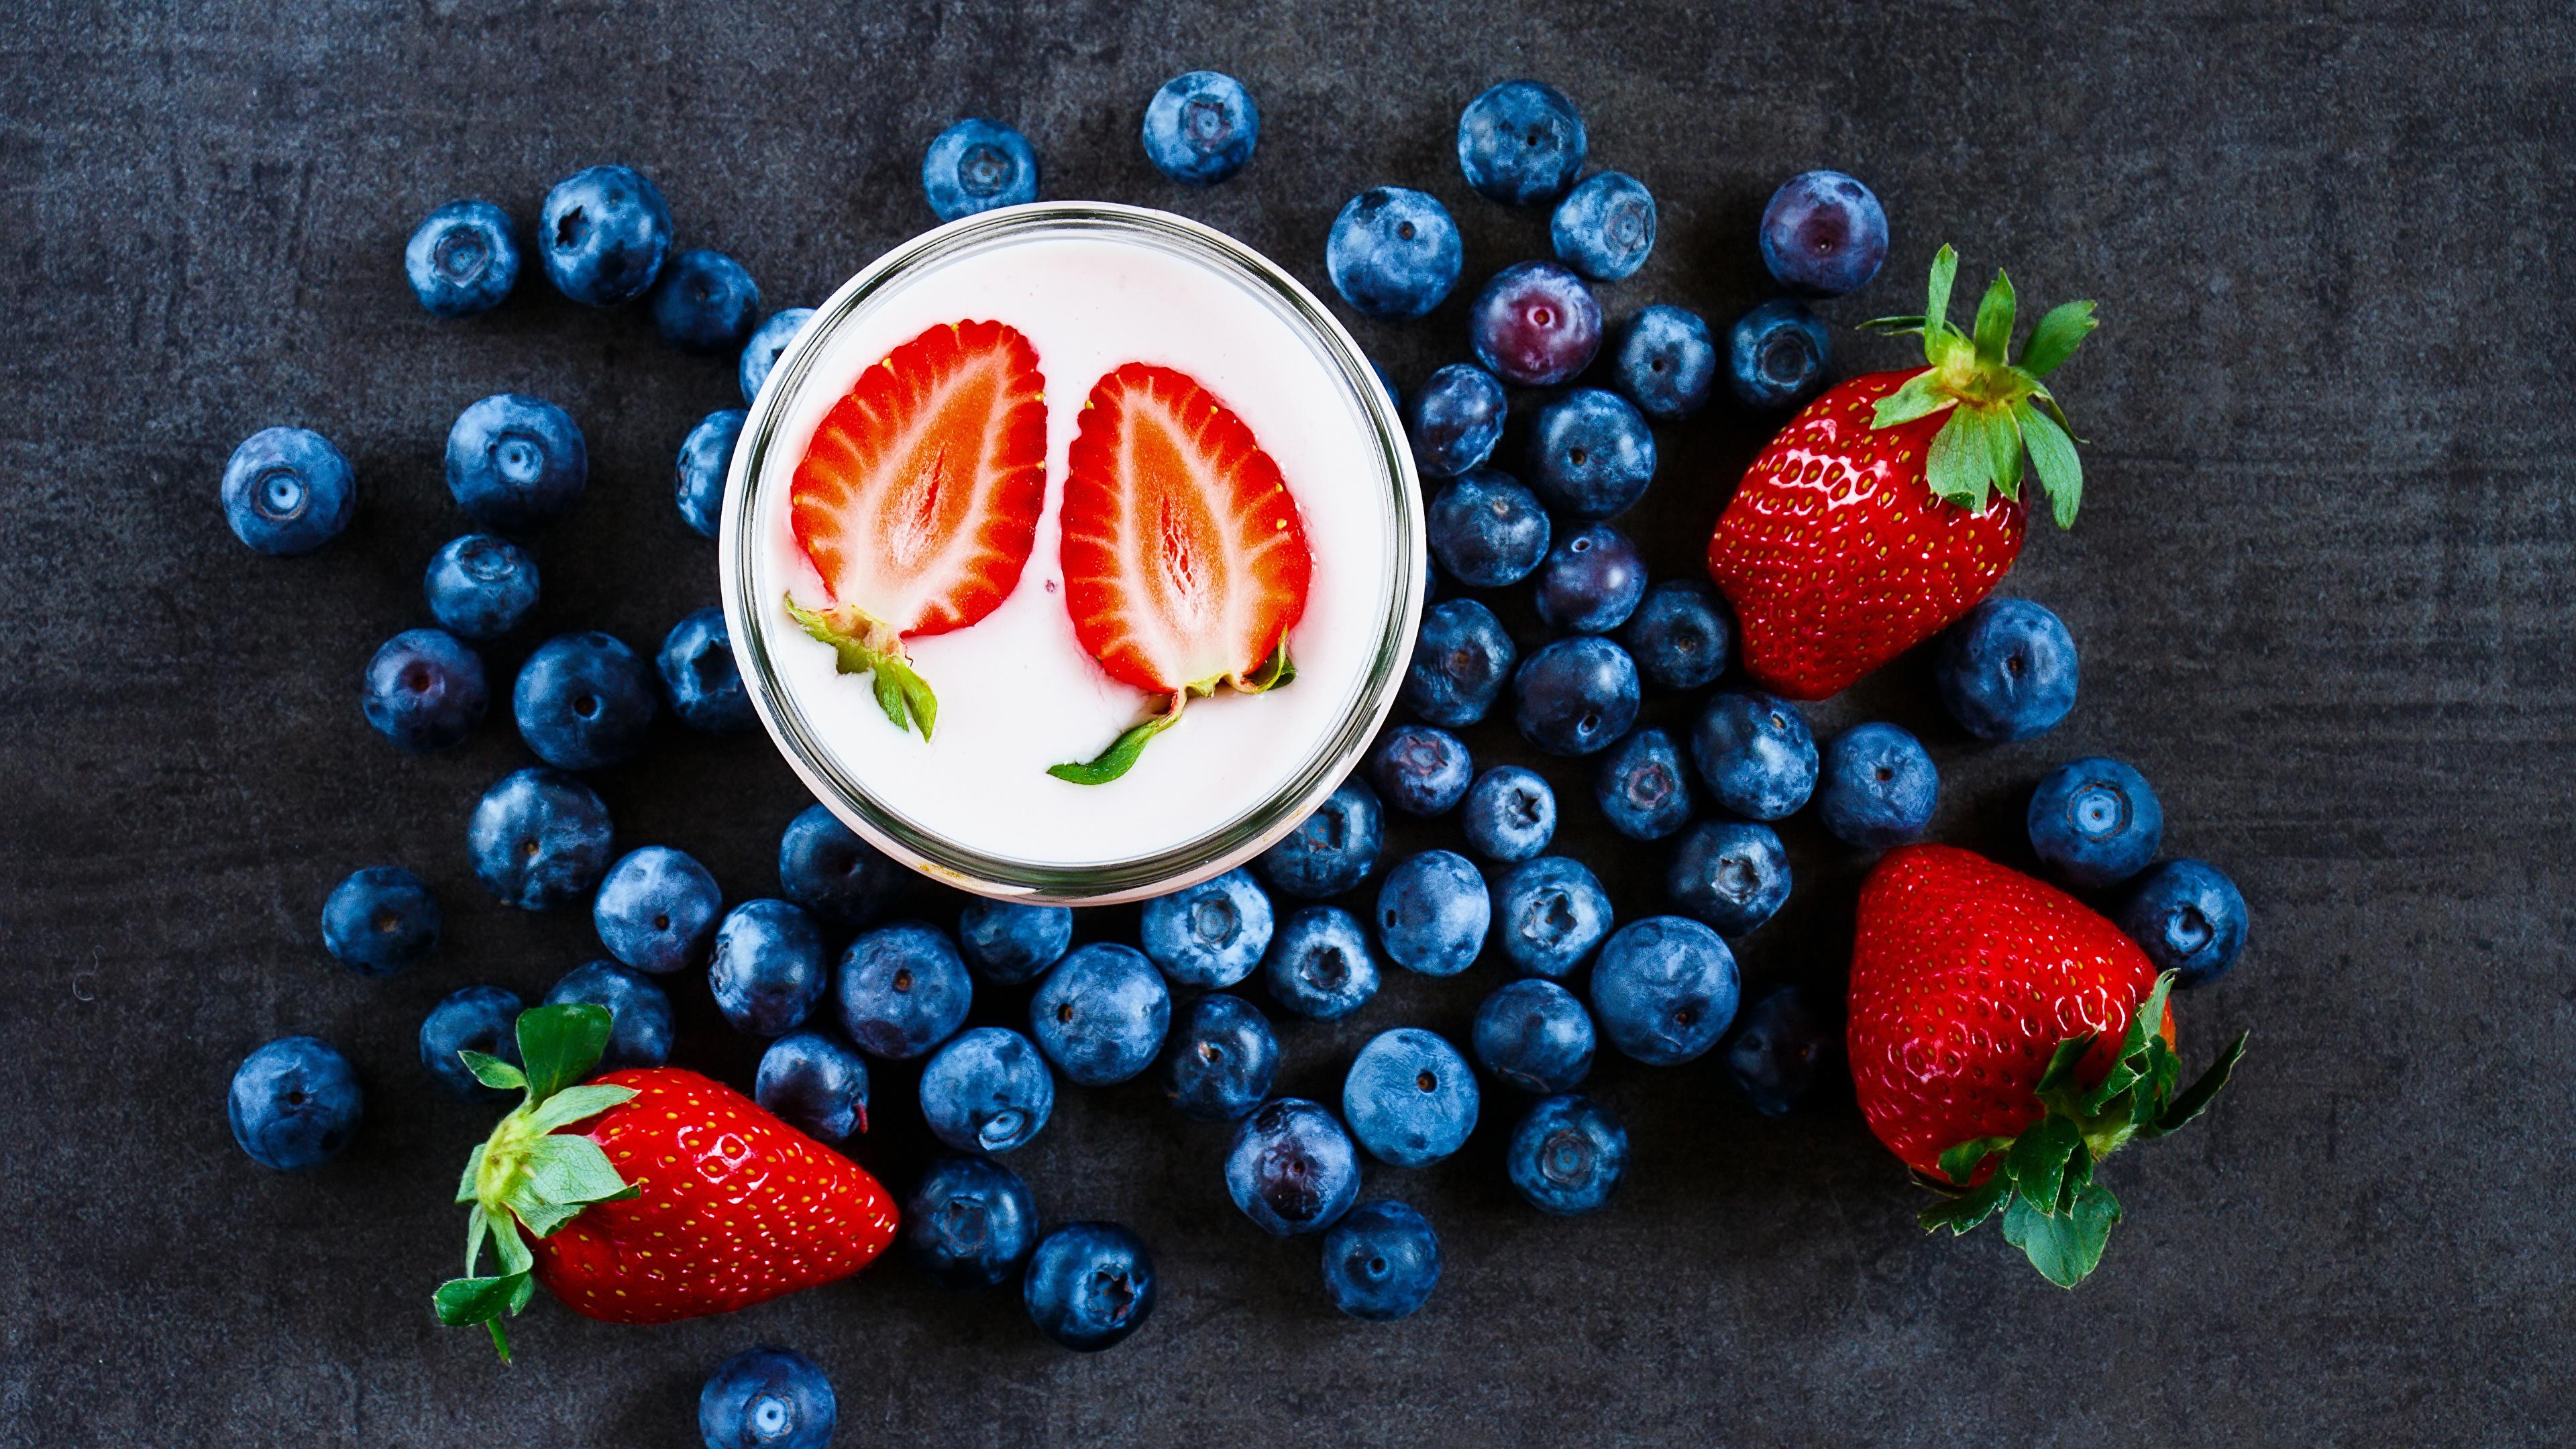 Фотография Йогурт Черника Клубника Еда Ягоды Напитки 3840x2160 Пища Продукты питания напиток